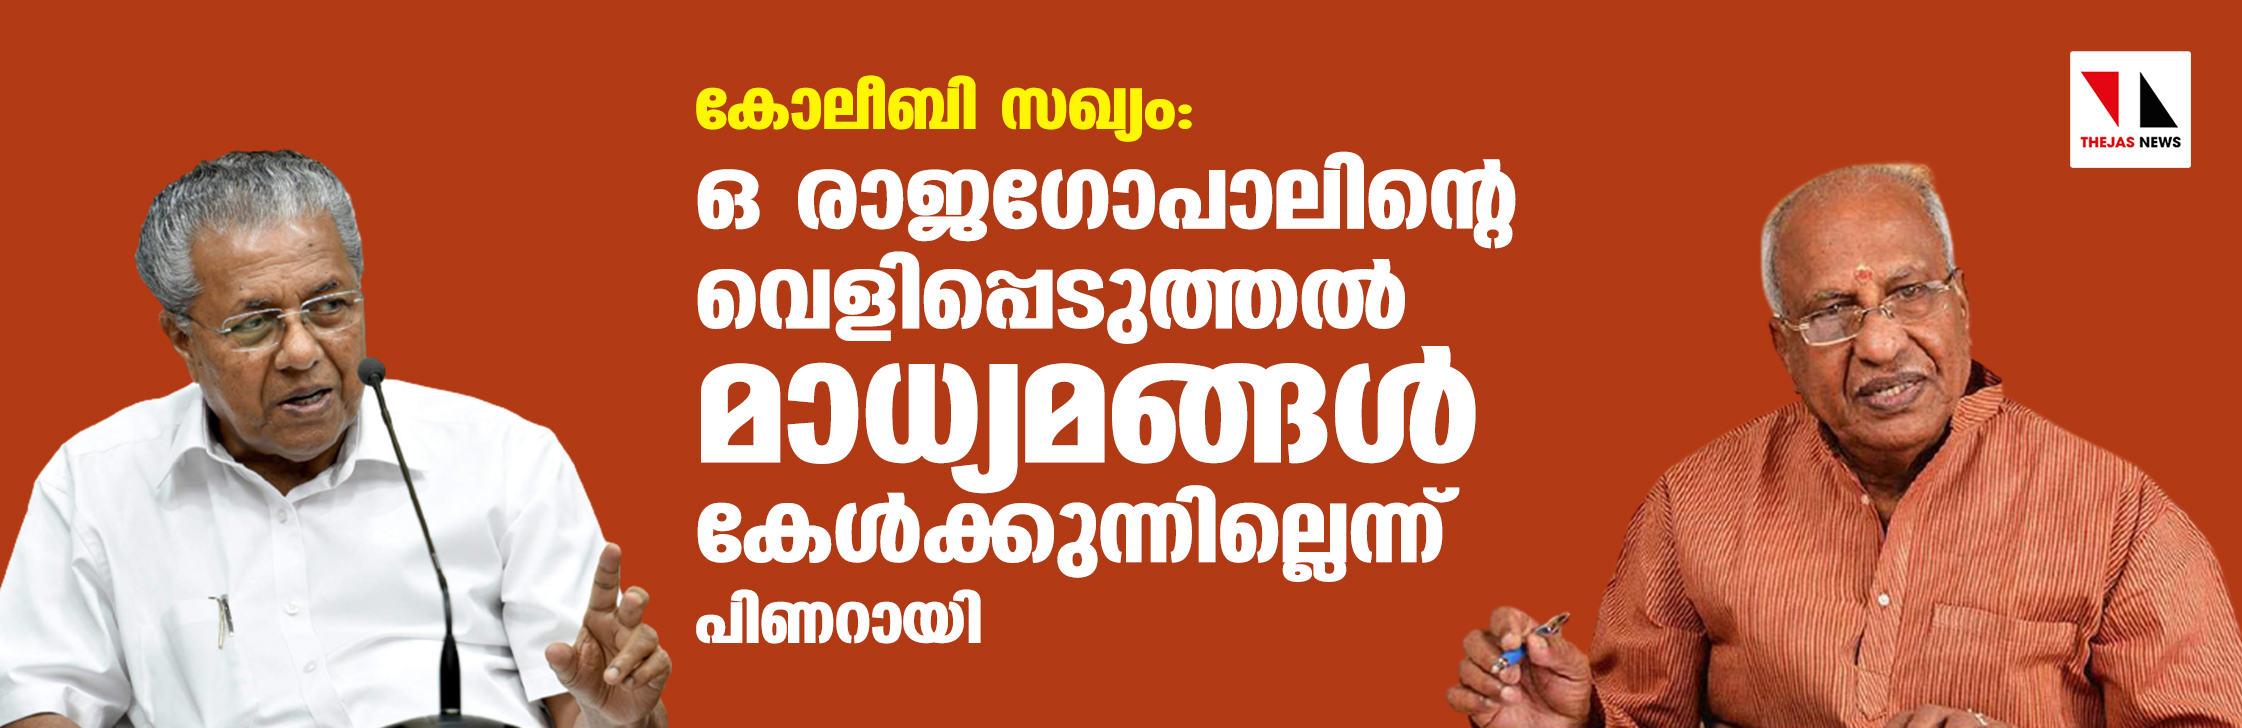 കോ-ലീ-ബി സഖ്യം: ഒ രാജഗോപാലിന്റെ വെളിപ്പെടുത്തല് മാധ്യമങ്ങള് കേള്ക്കുന്നില്ലെന്ന് പിണറായി